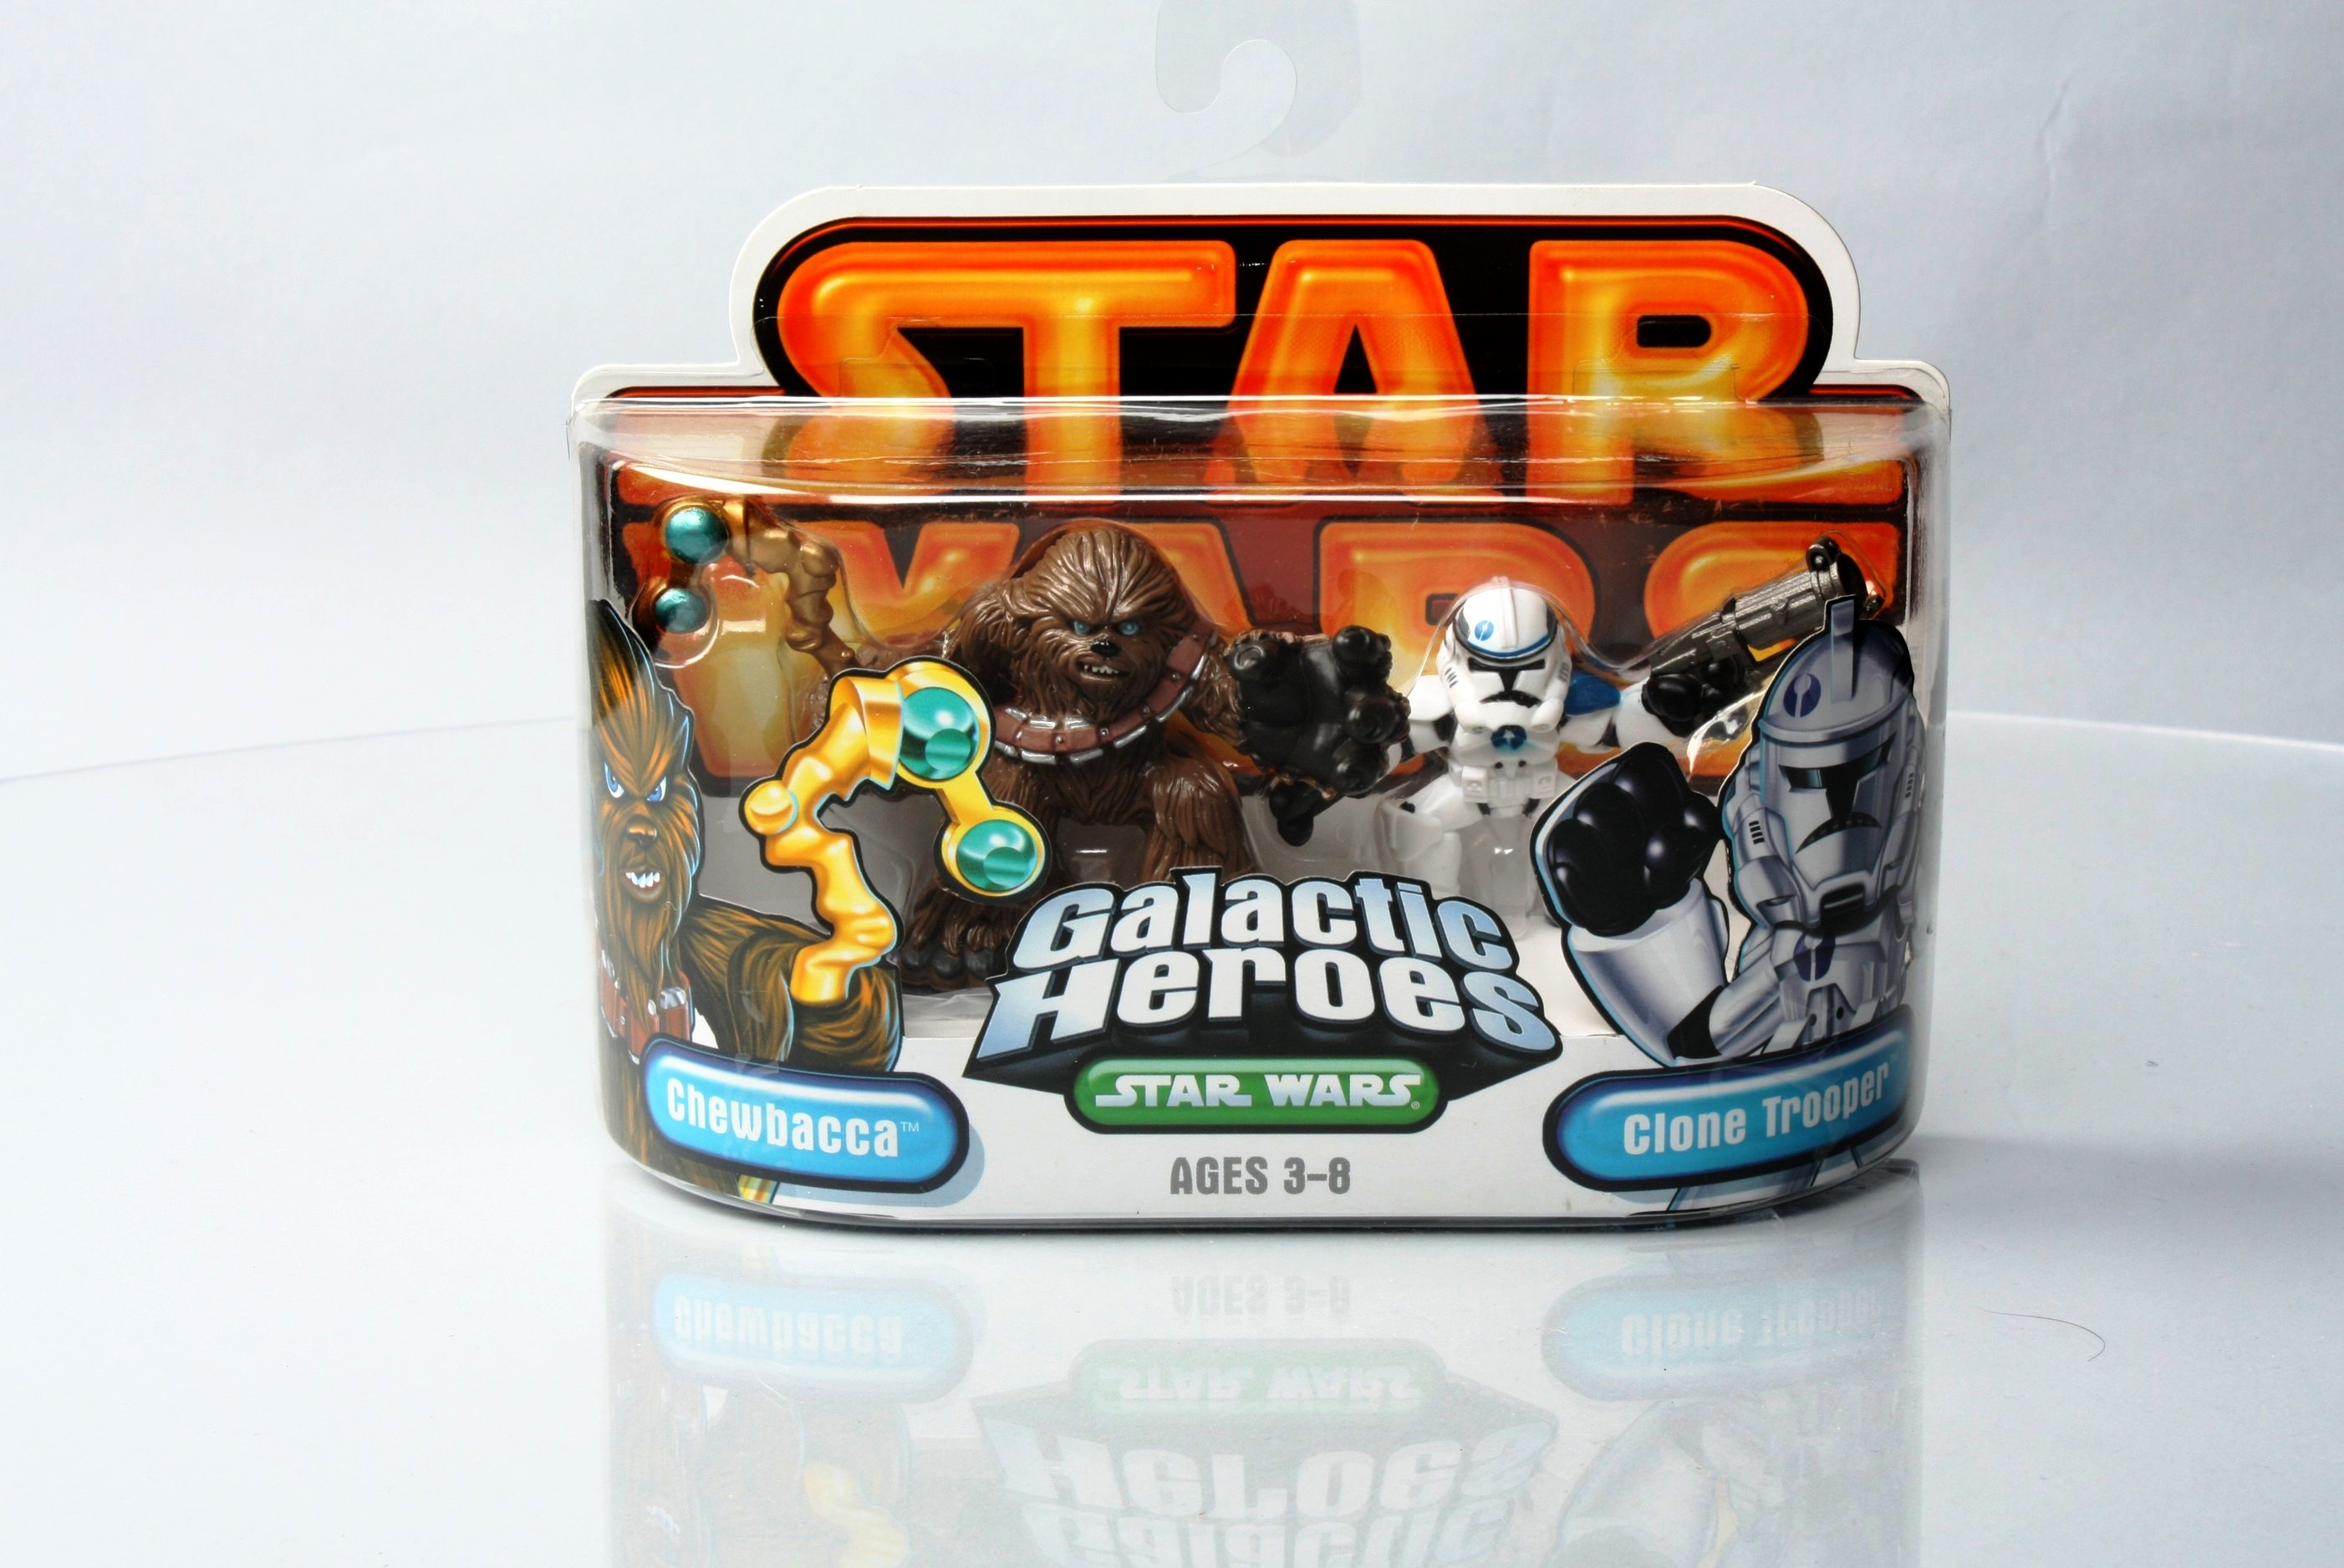 Star Wars Chewbacca /& clone trooper galactic heroes